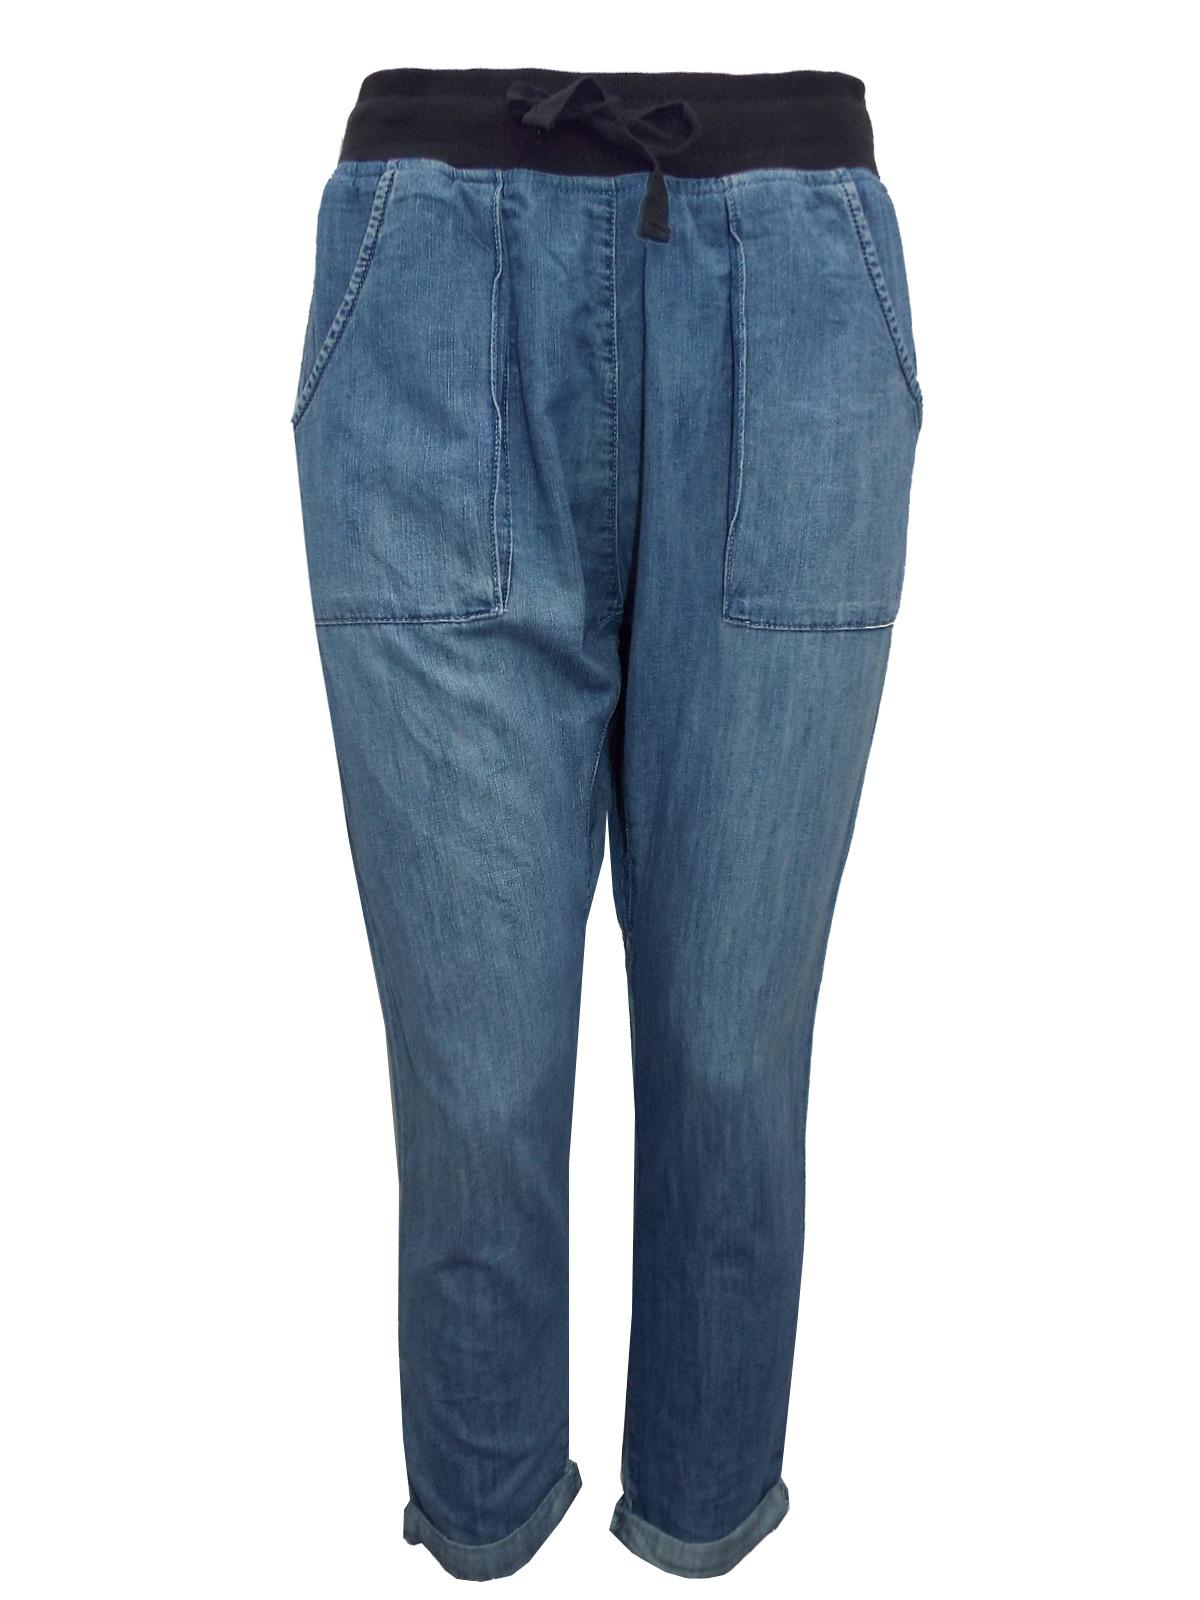 szczegóły dobra sprzedaż całkiem tania Vans DENIM Pull On Relaxed Denim Jeans - Size 10 to 14